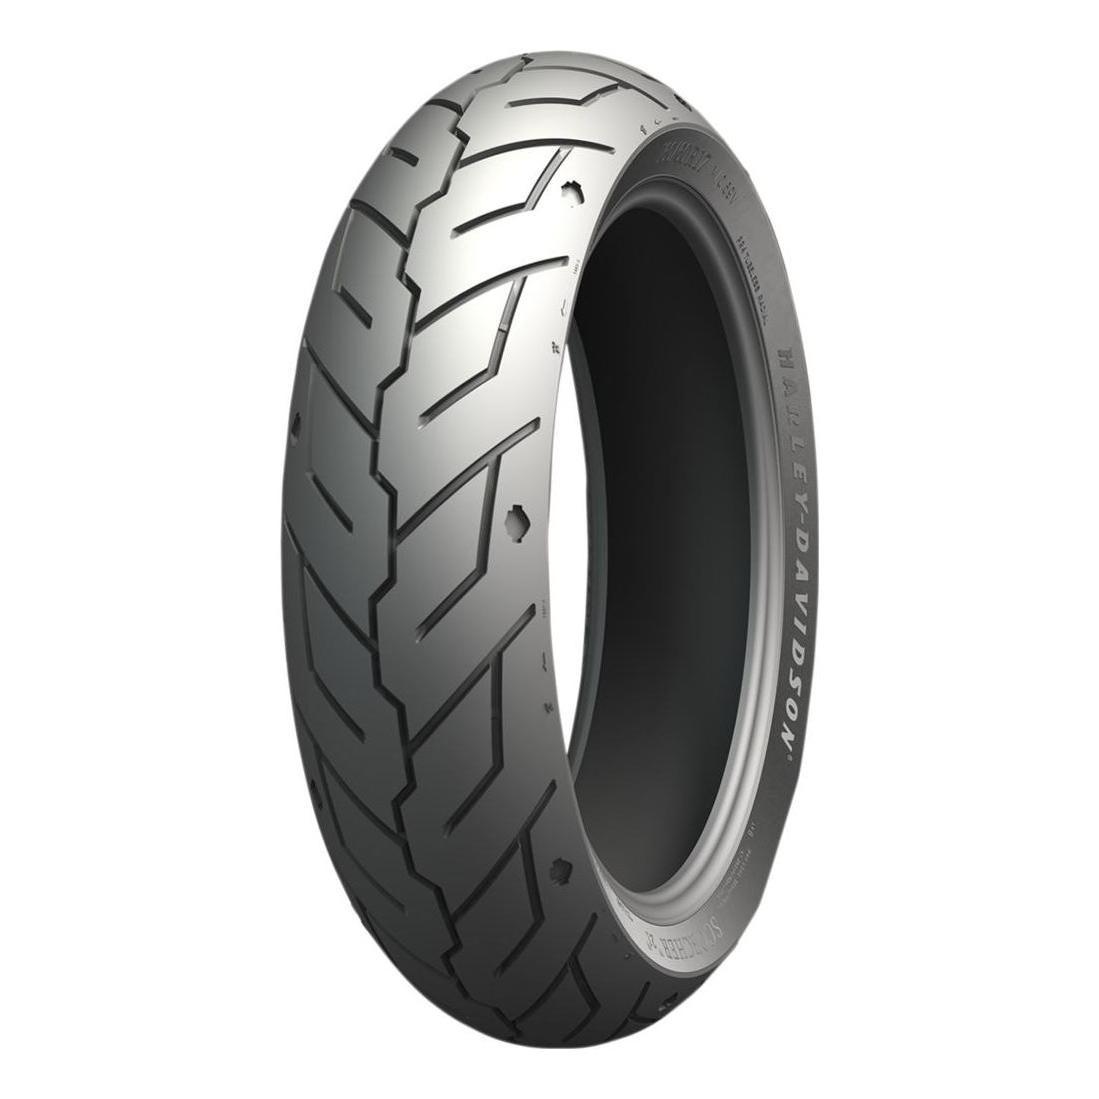 Pneu arrière custom Michelin Scorcher 21 160/60 R 17 69V TL